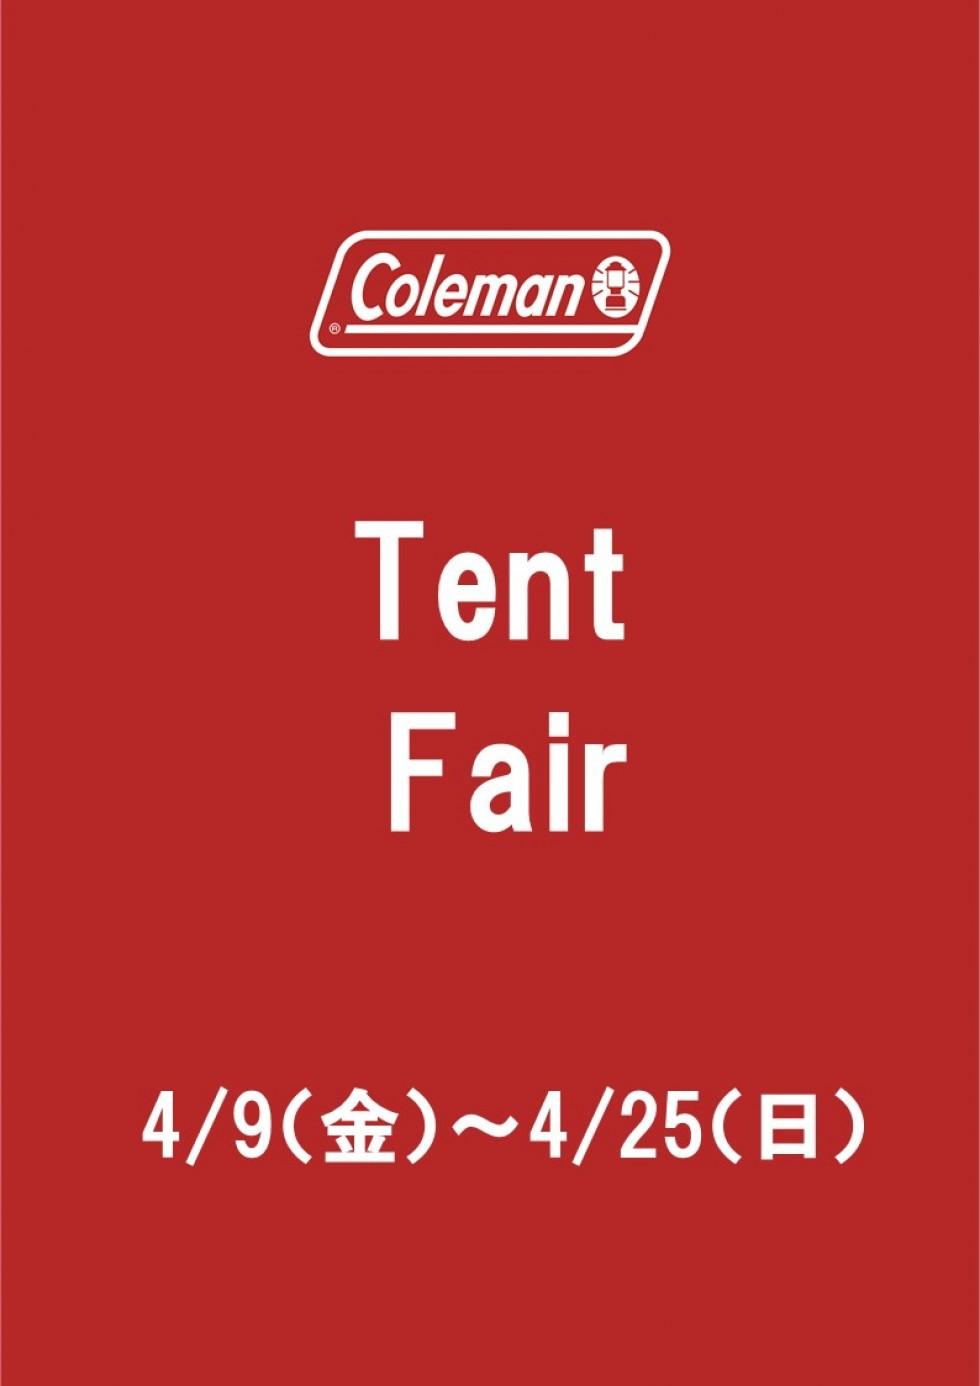 コールマン直営店「Tent Fair」開催!